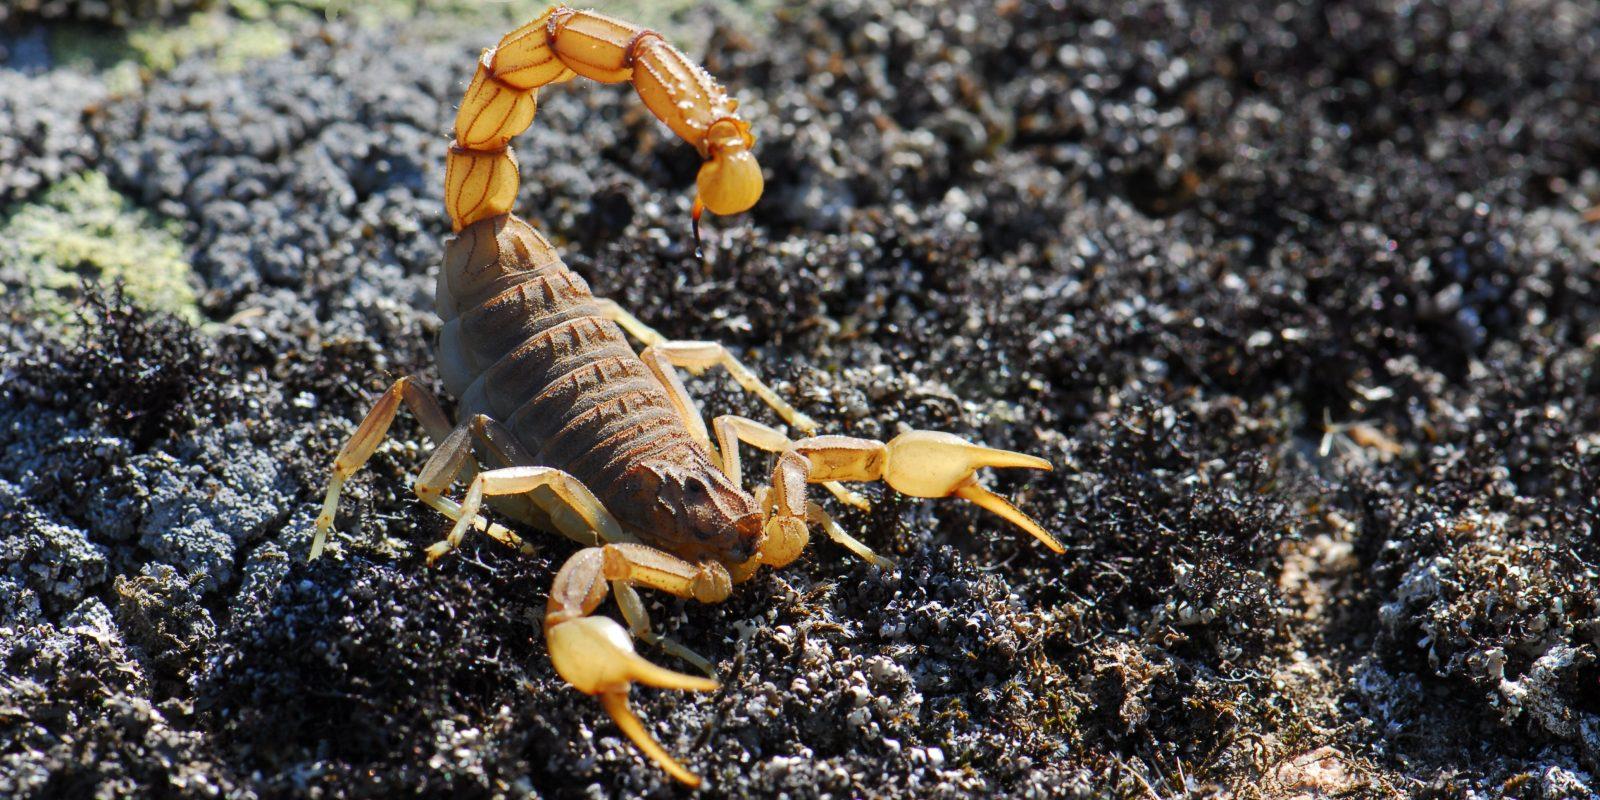 Scorpion Control Cape Town